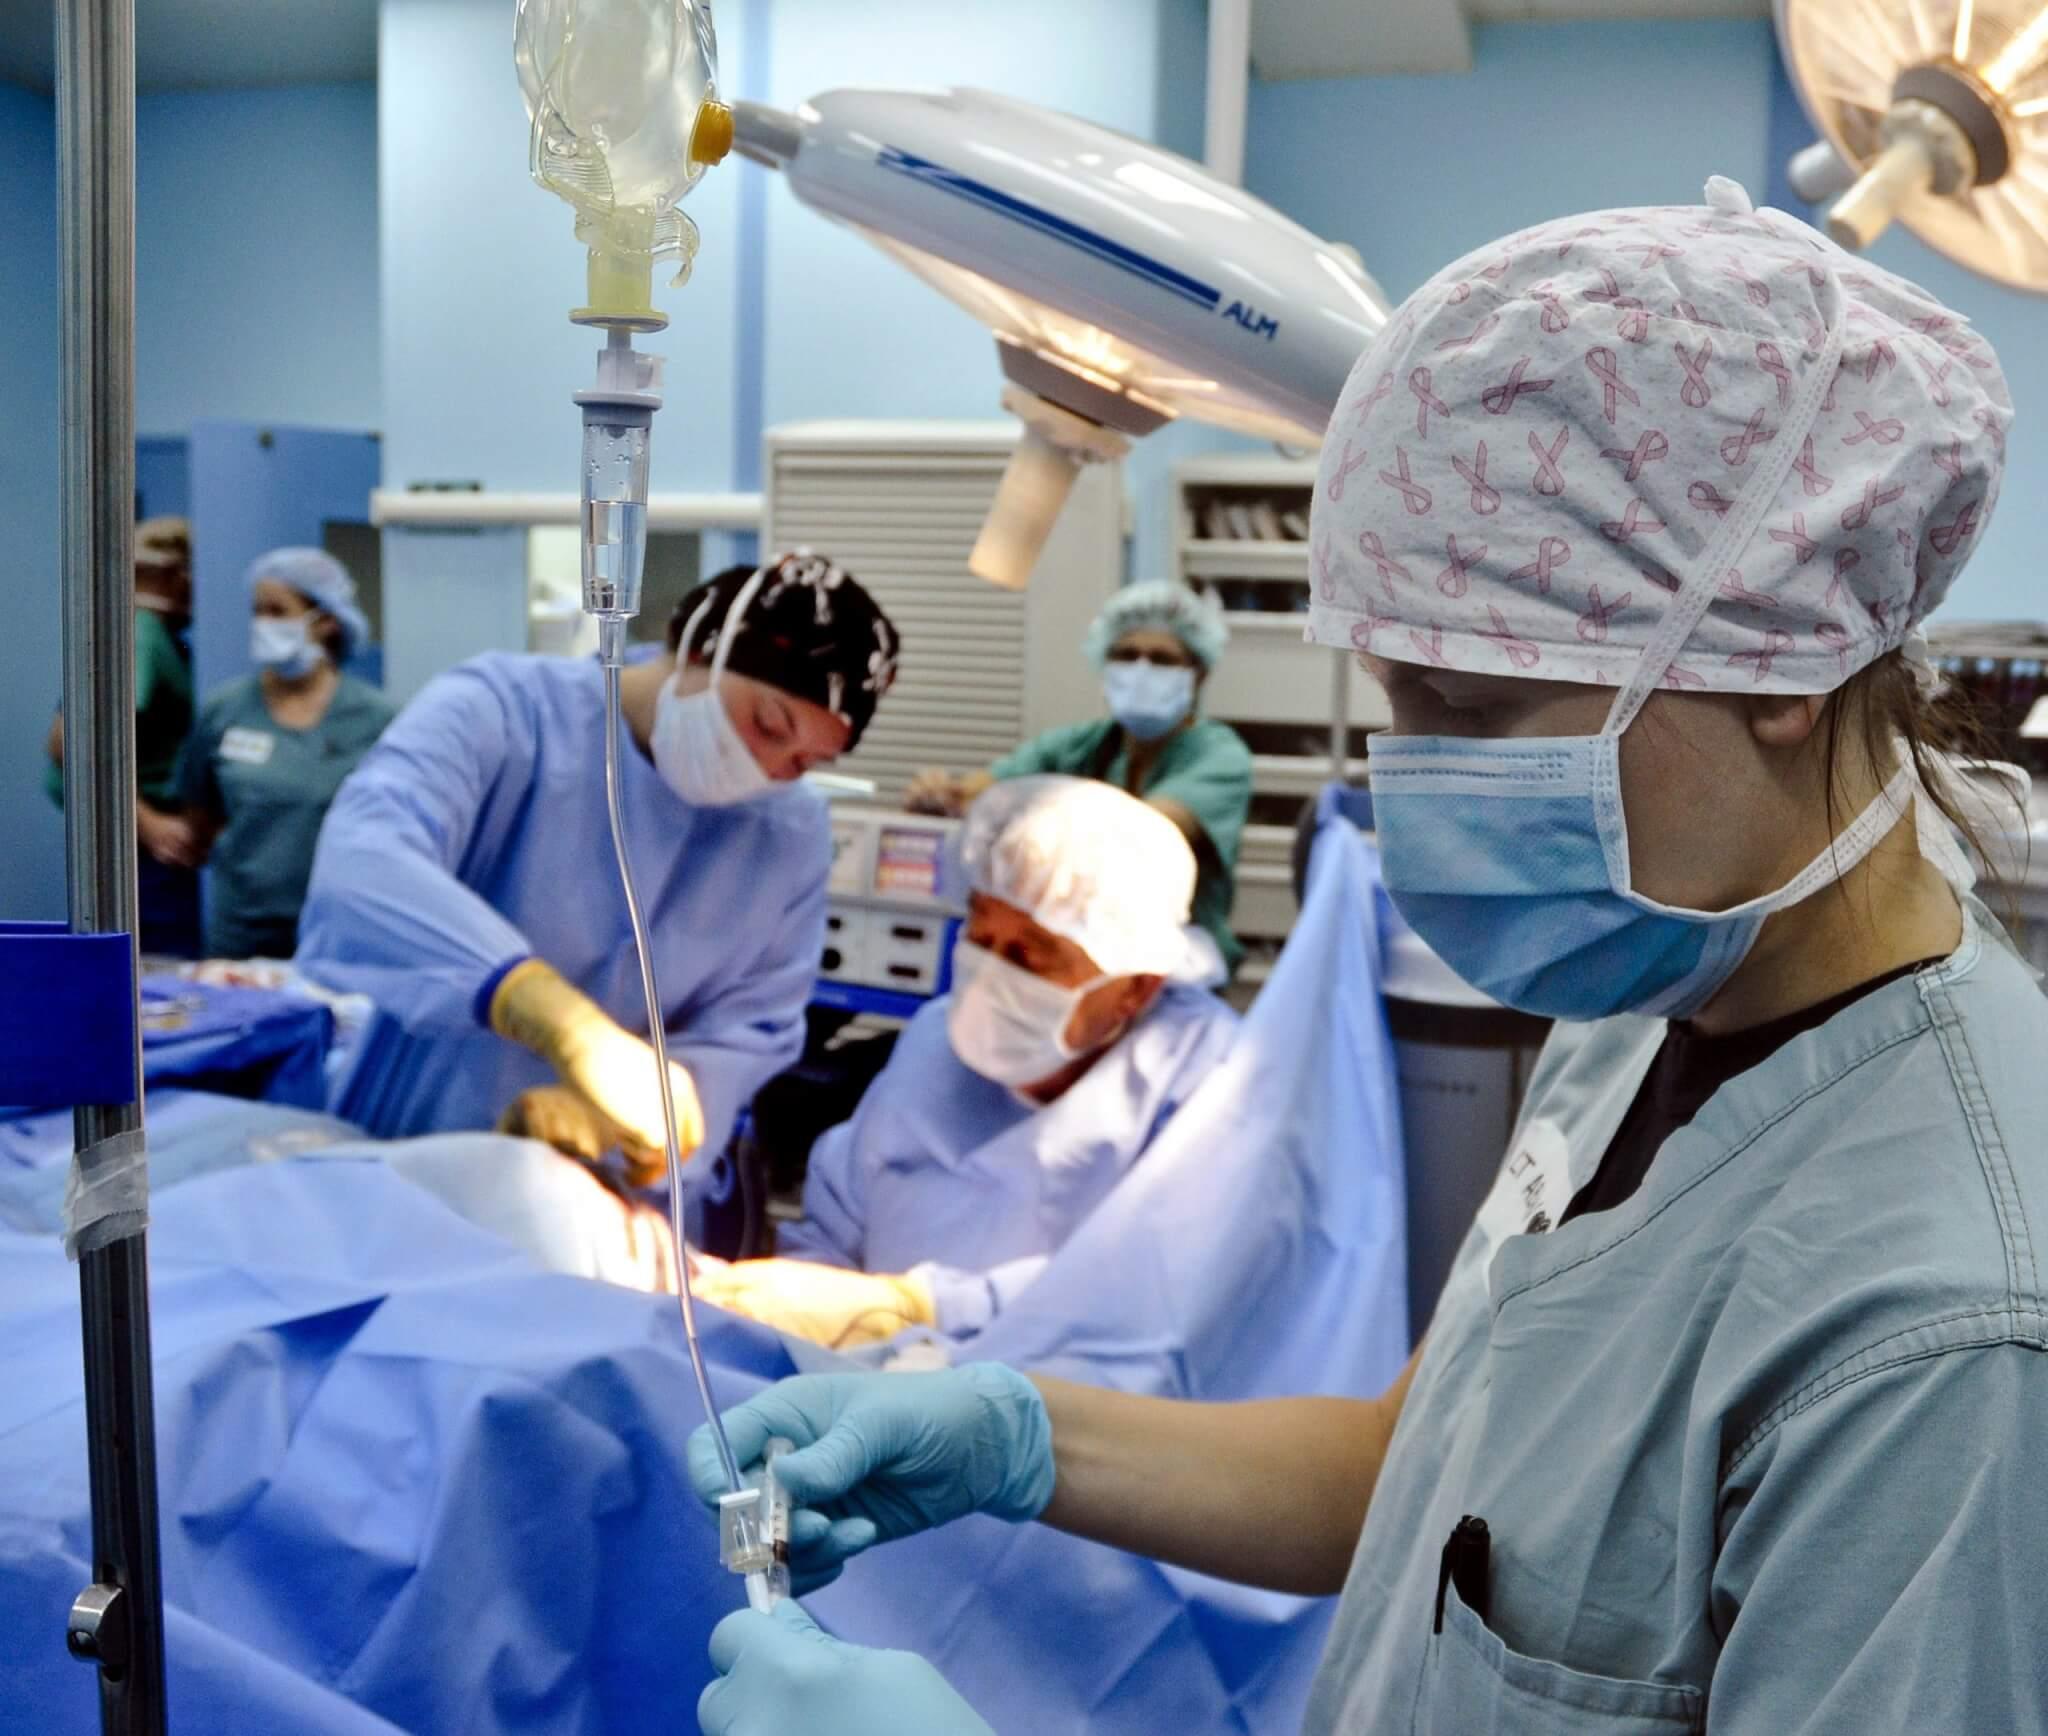 Covid-19 - Ile-de-France: déprogrammation de 40%  de l'activité dans les hôpitaux